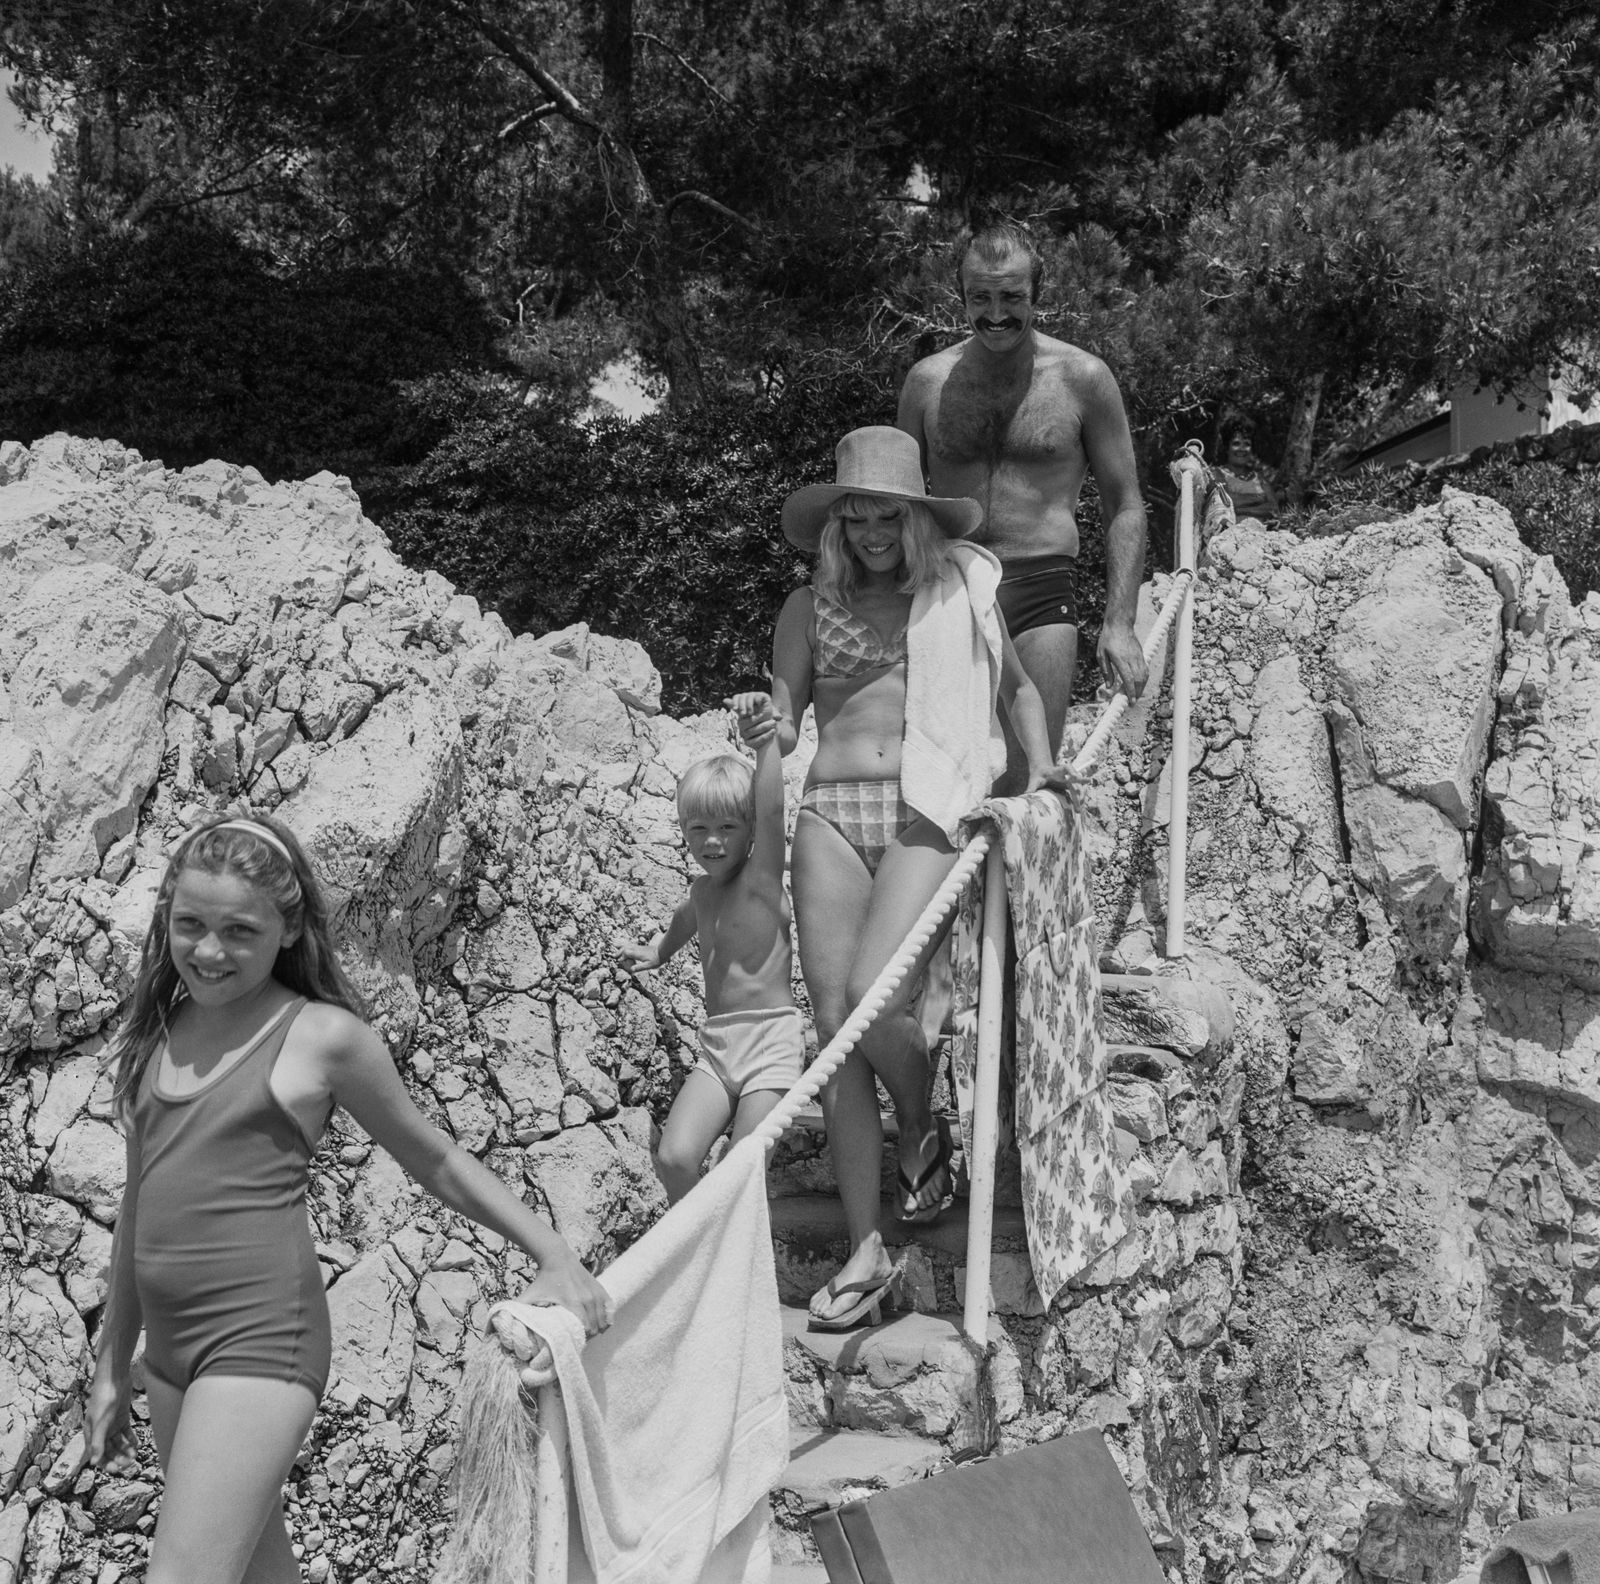 Famille 'James Bond' en vacances